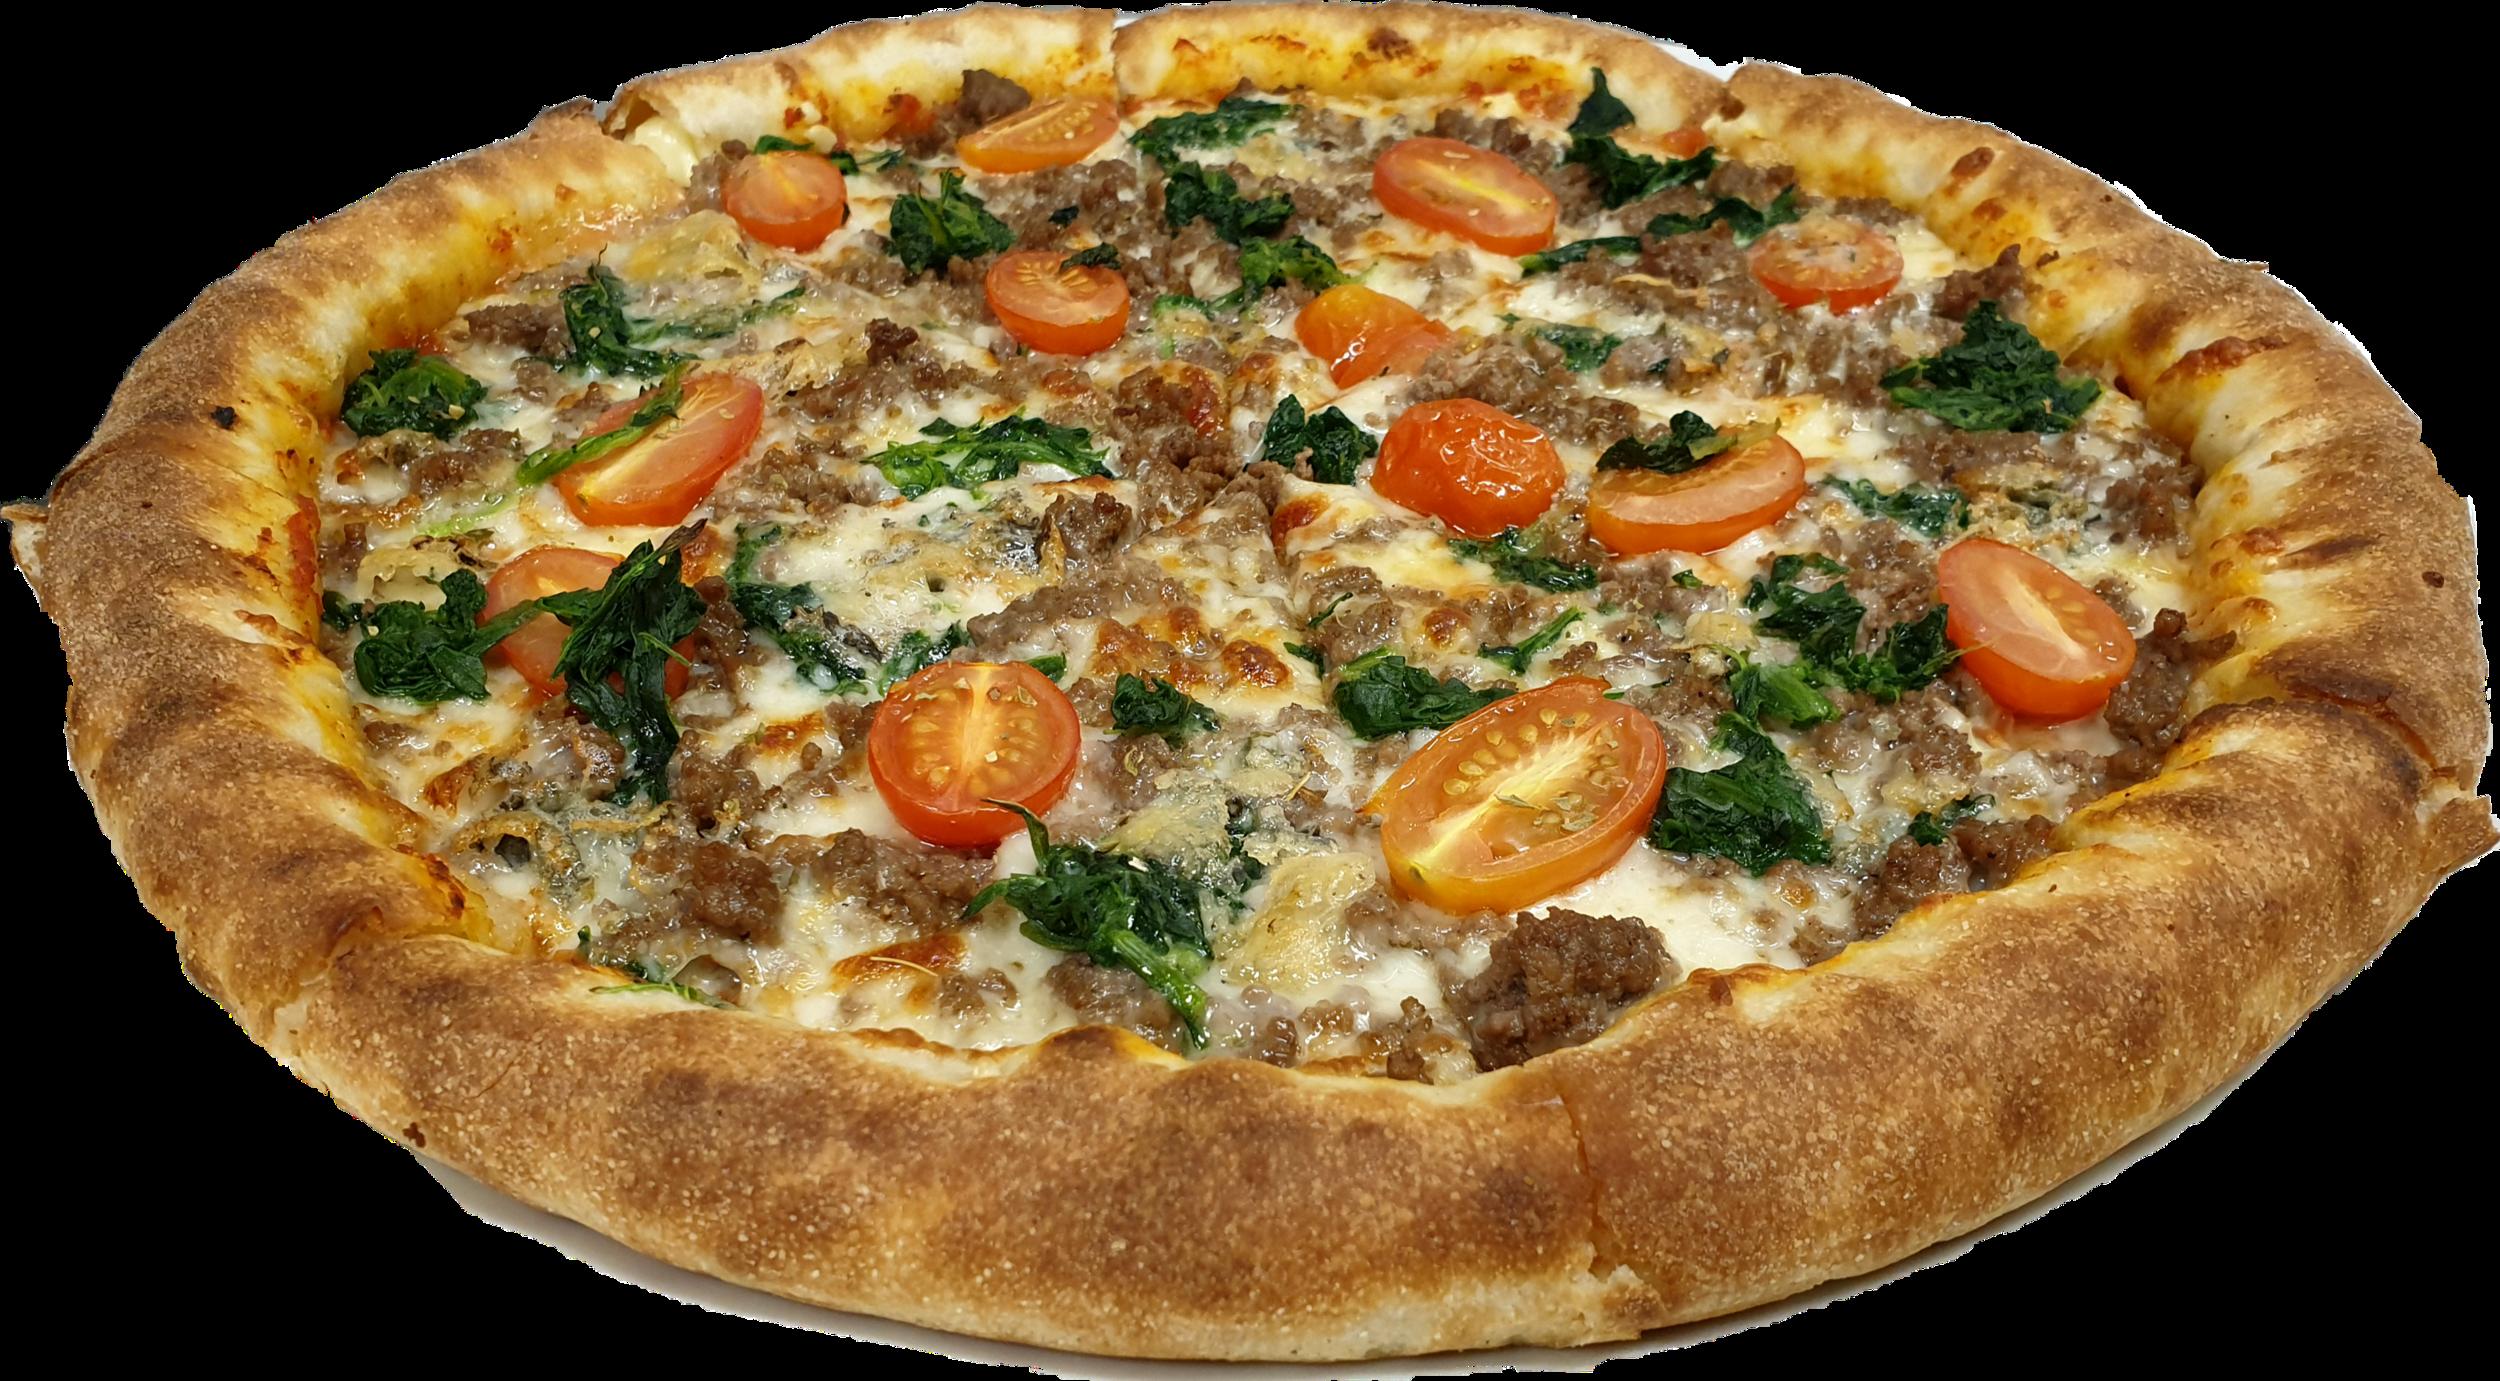 Tomatensauce, Mozzarella, frisches Rinderhackfleisch, Gorgonzola, Cherrytomaten, Spinat